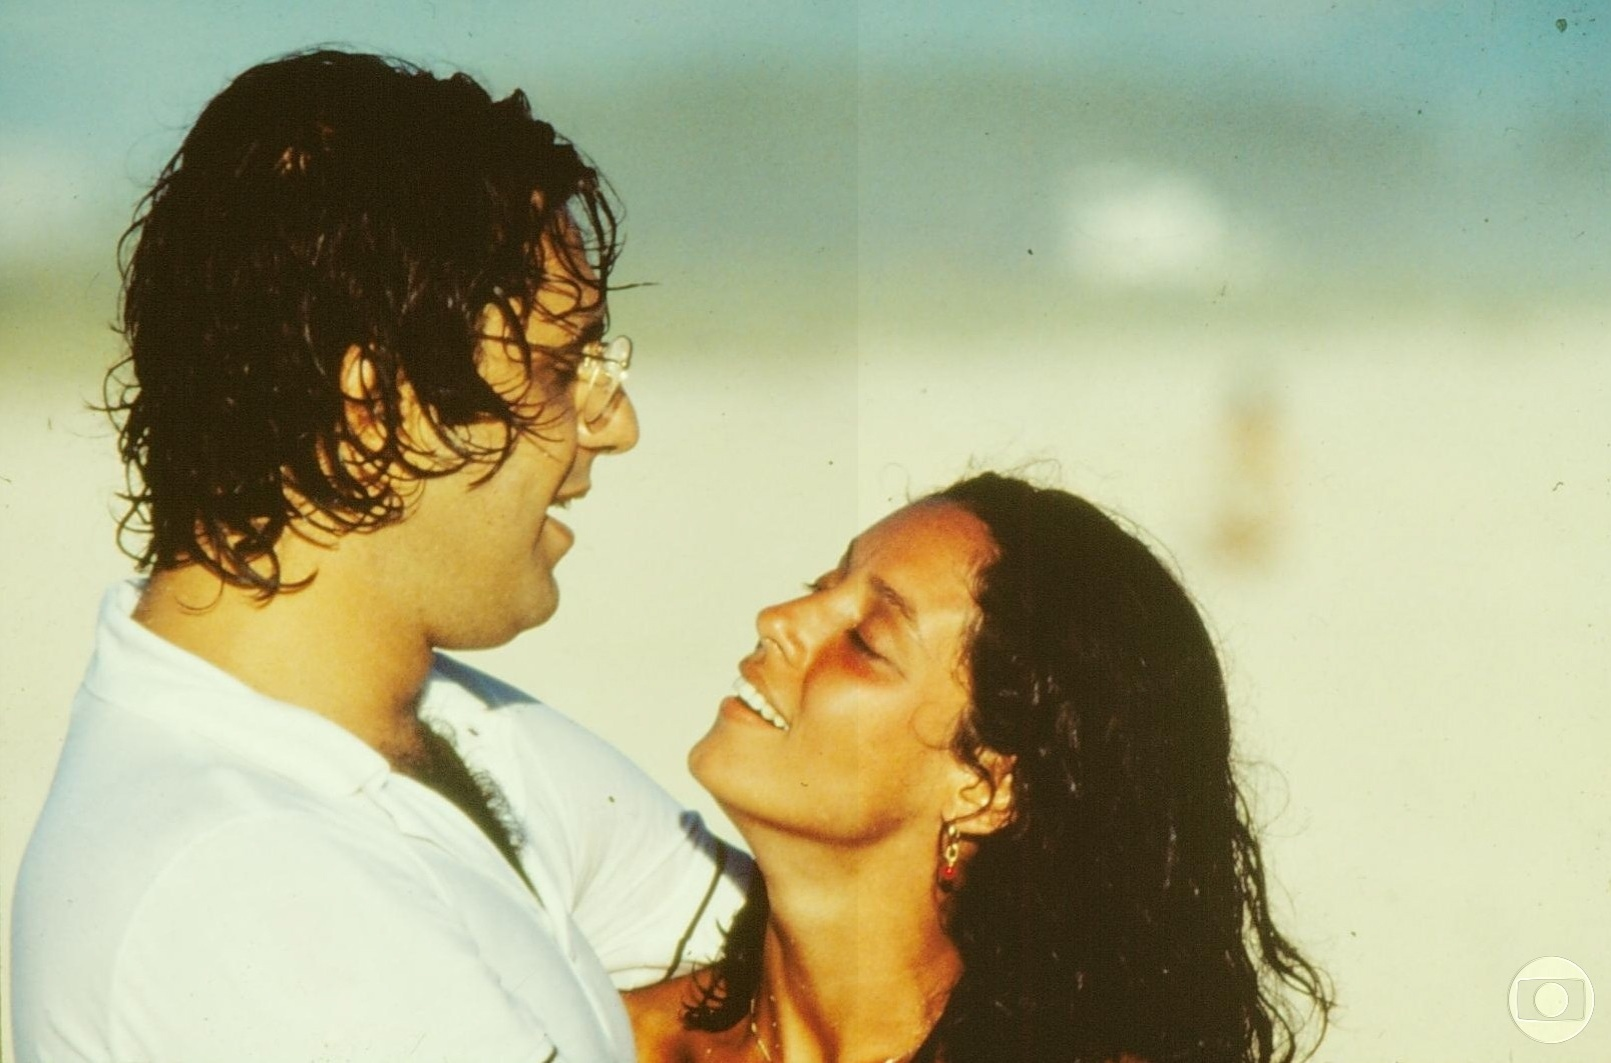 1979 - Antônio Fagundes e Sônia Braga em cena de